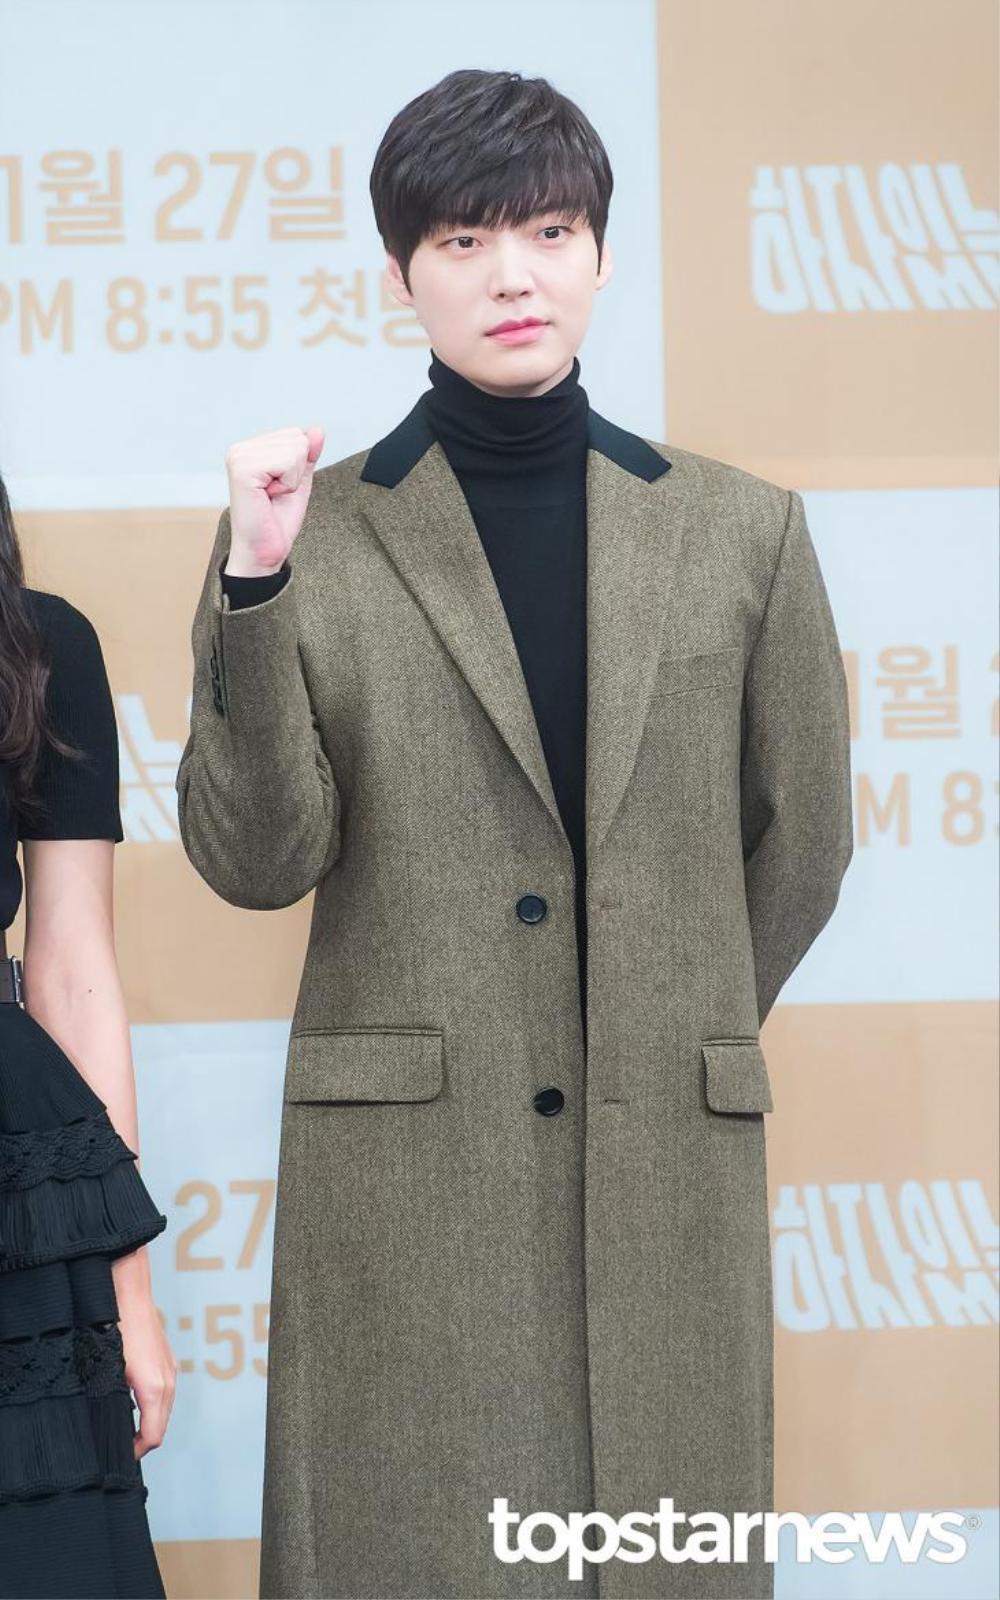 Sau tất cả, Ahn Jae Hyuk chính là nạn nhân của Goo Hye Sun: Bị vu oan, sự nghiệp tiêu tan! Ảnh 9